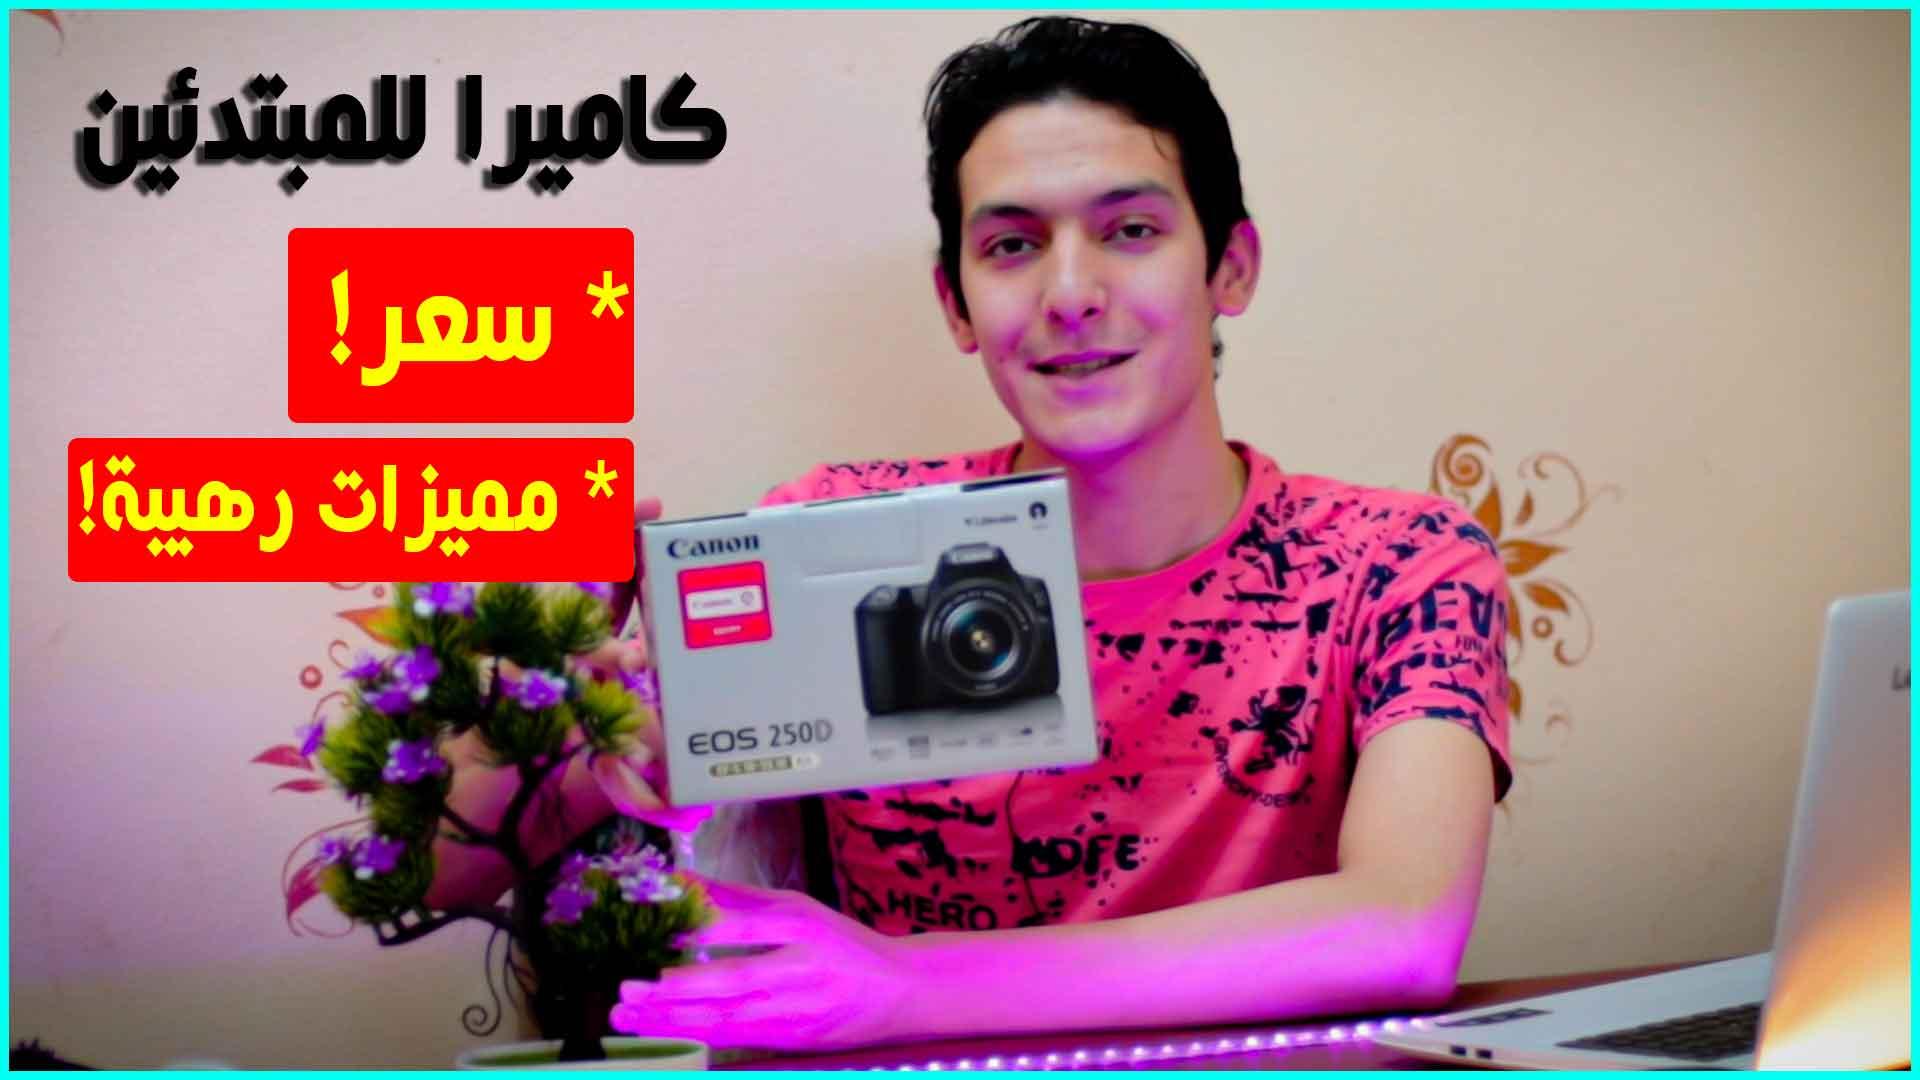 افضل كاميرا للبدأ فى صناعة محتوى على اليوتيوب بسعر مناسب canon 250d